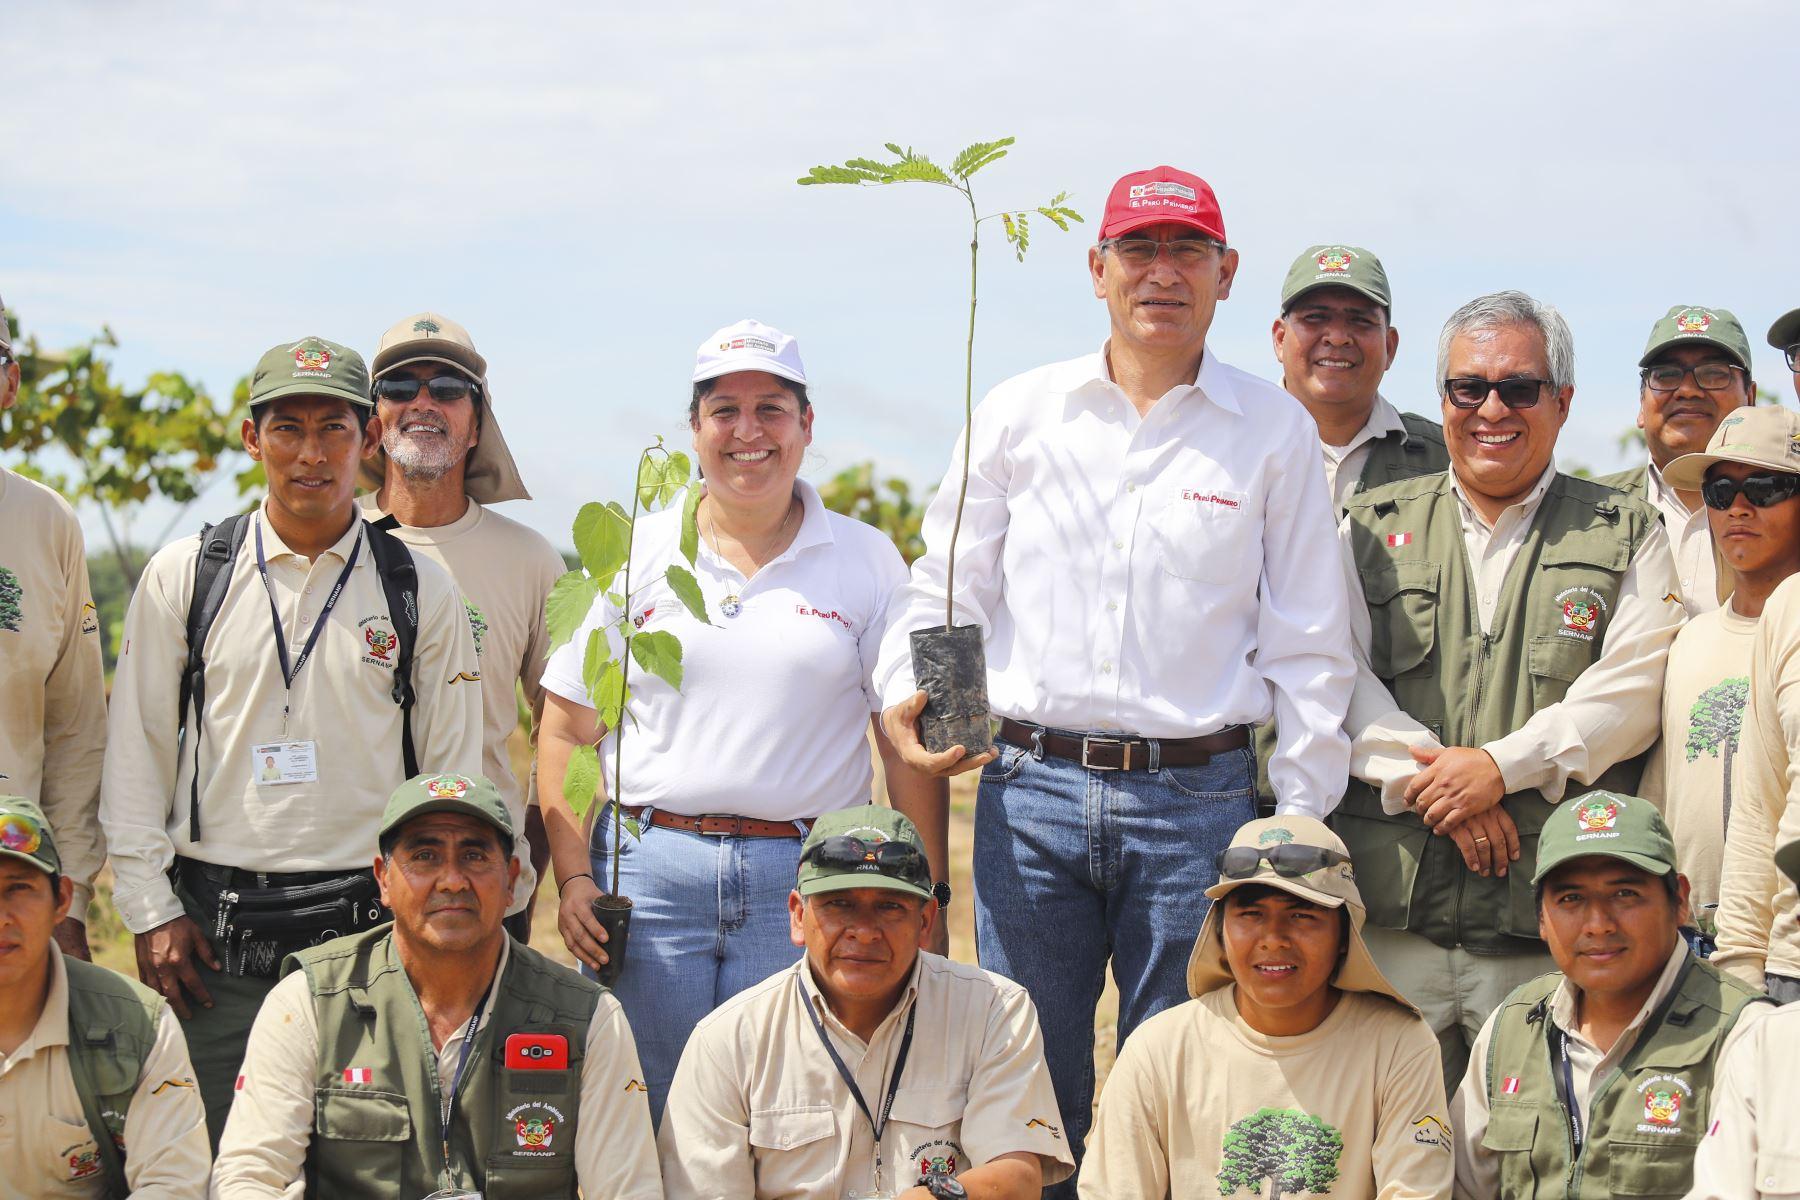 El presidente Martín Vizcarra, supervisó los trabajos de recuperación forestal en la Reserva Nacional Tambopata afectados por la minería ilegal.Foto: ANDINA/ Prensa Presidencia